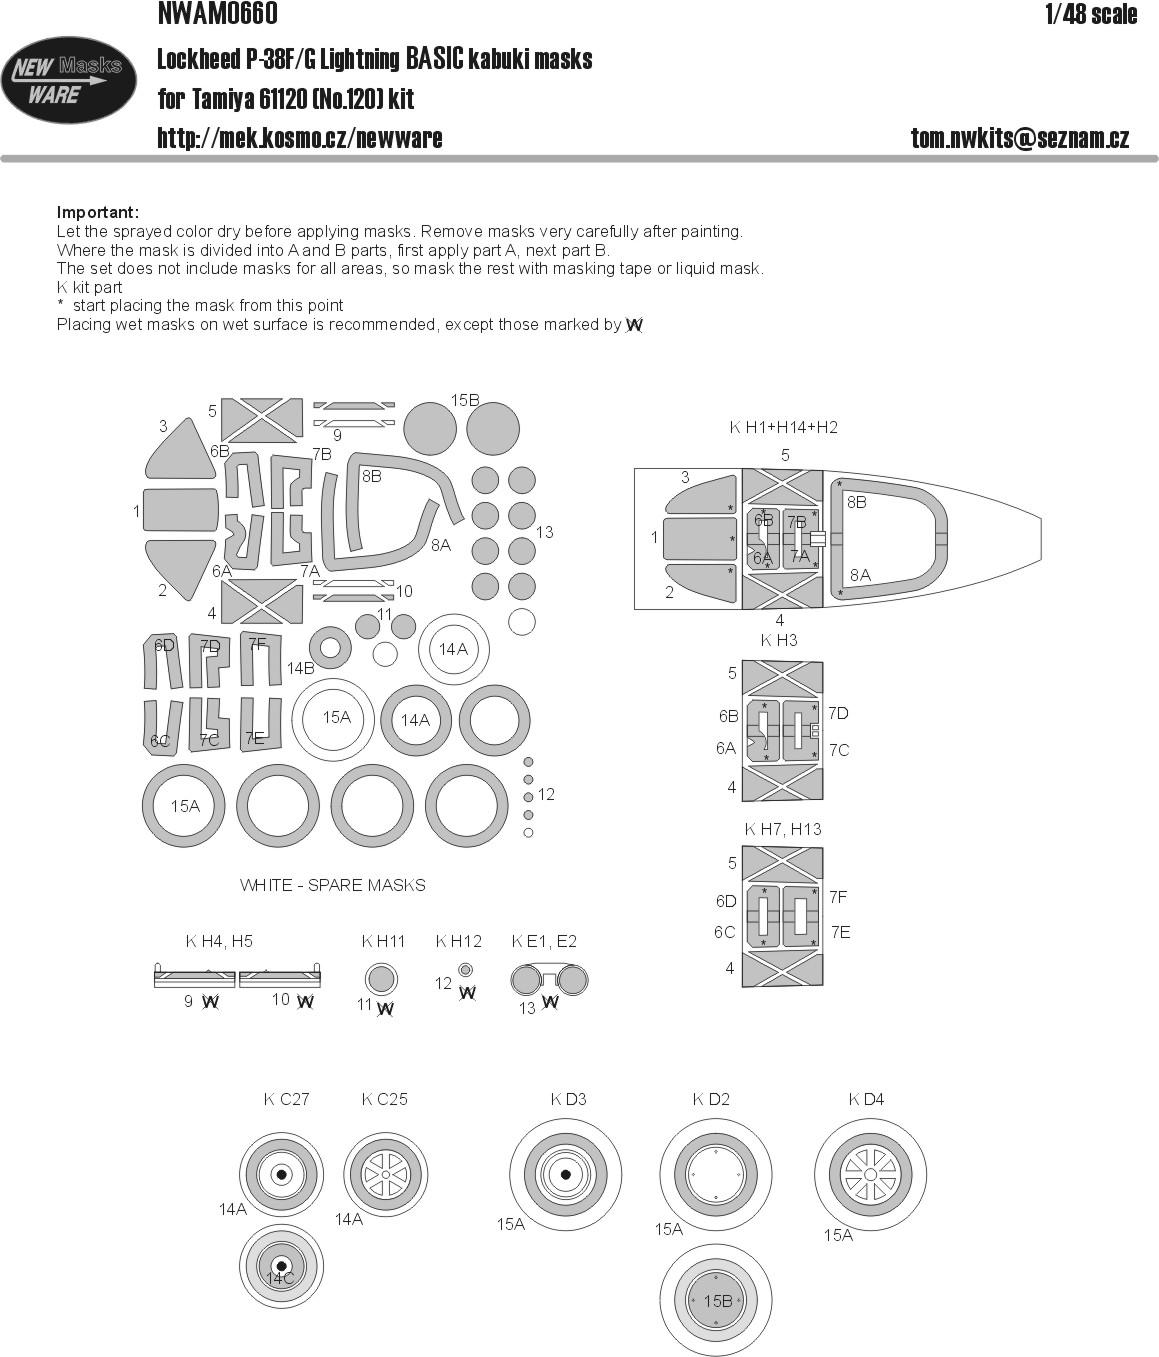 NWAM0660